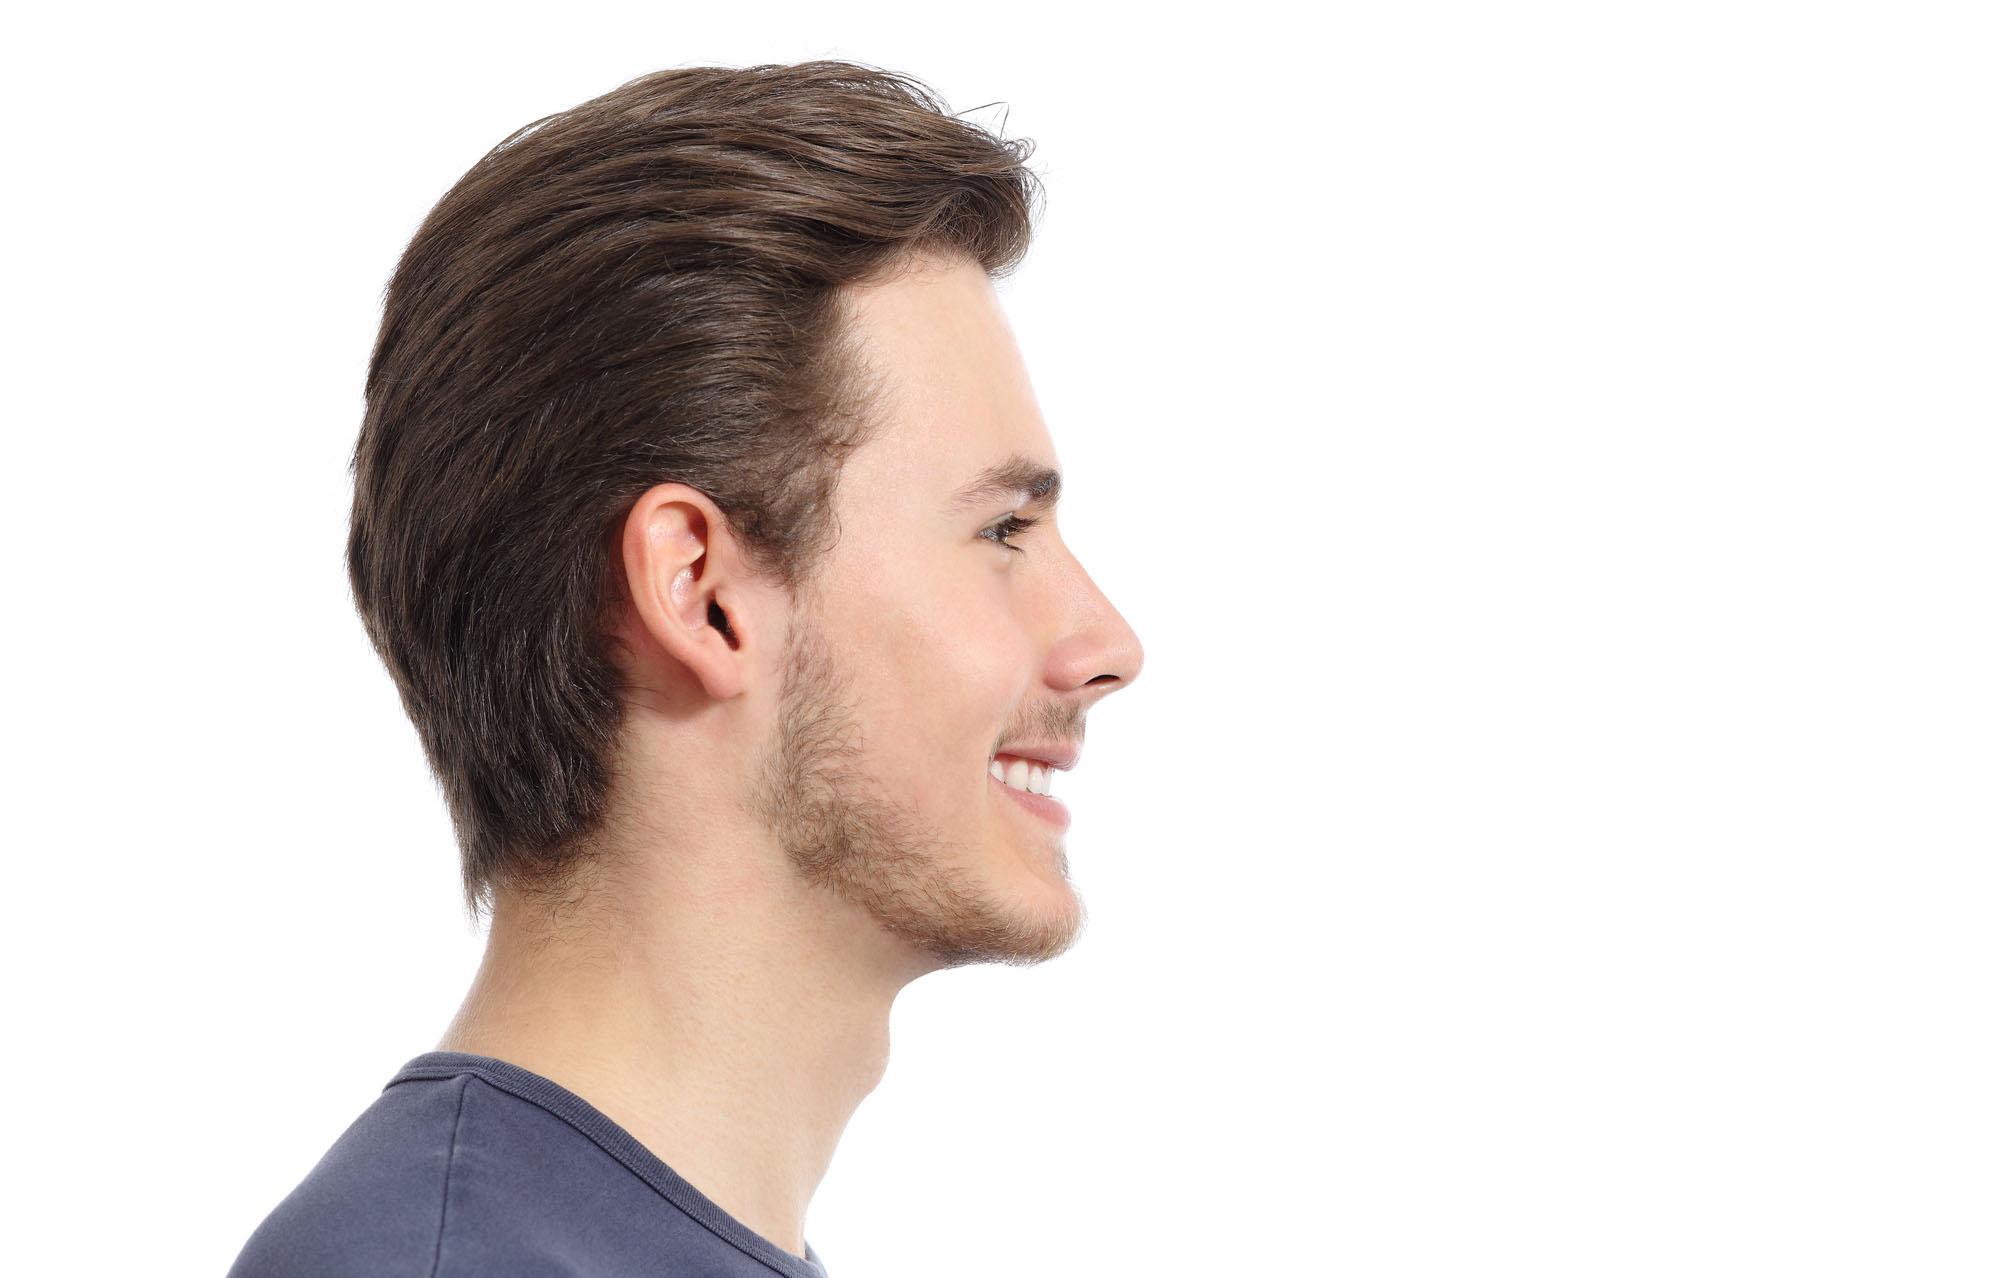 man-who-got-a-nose-job